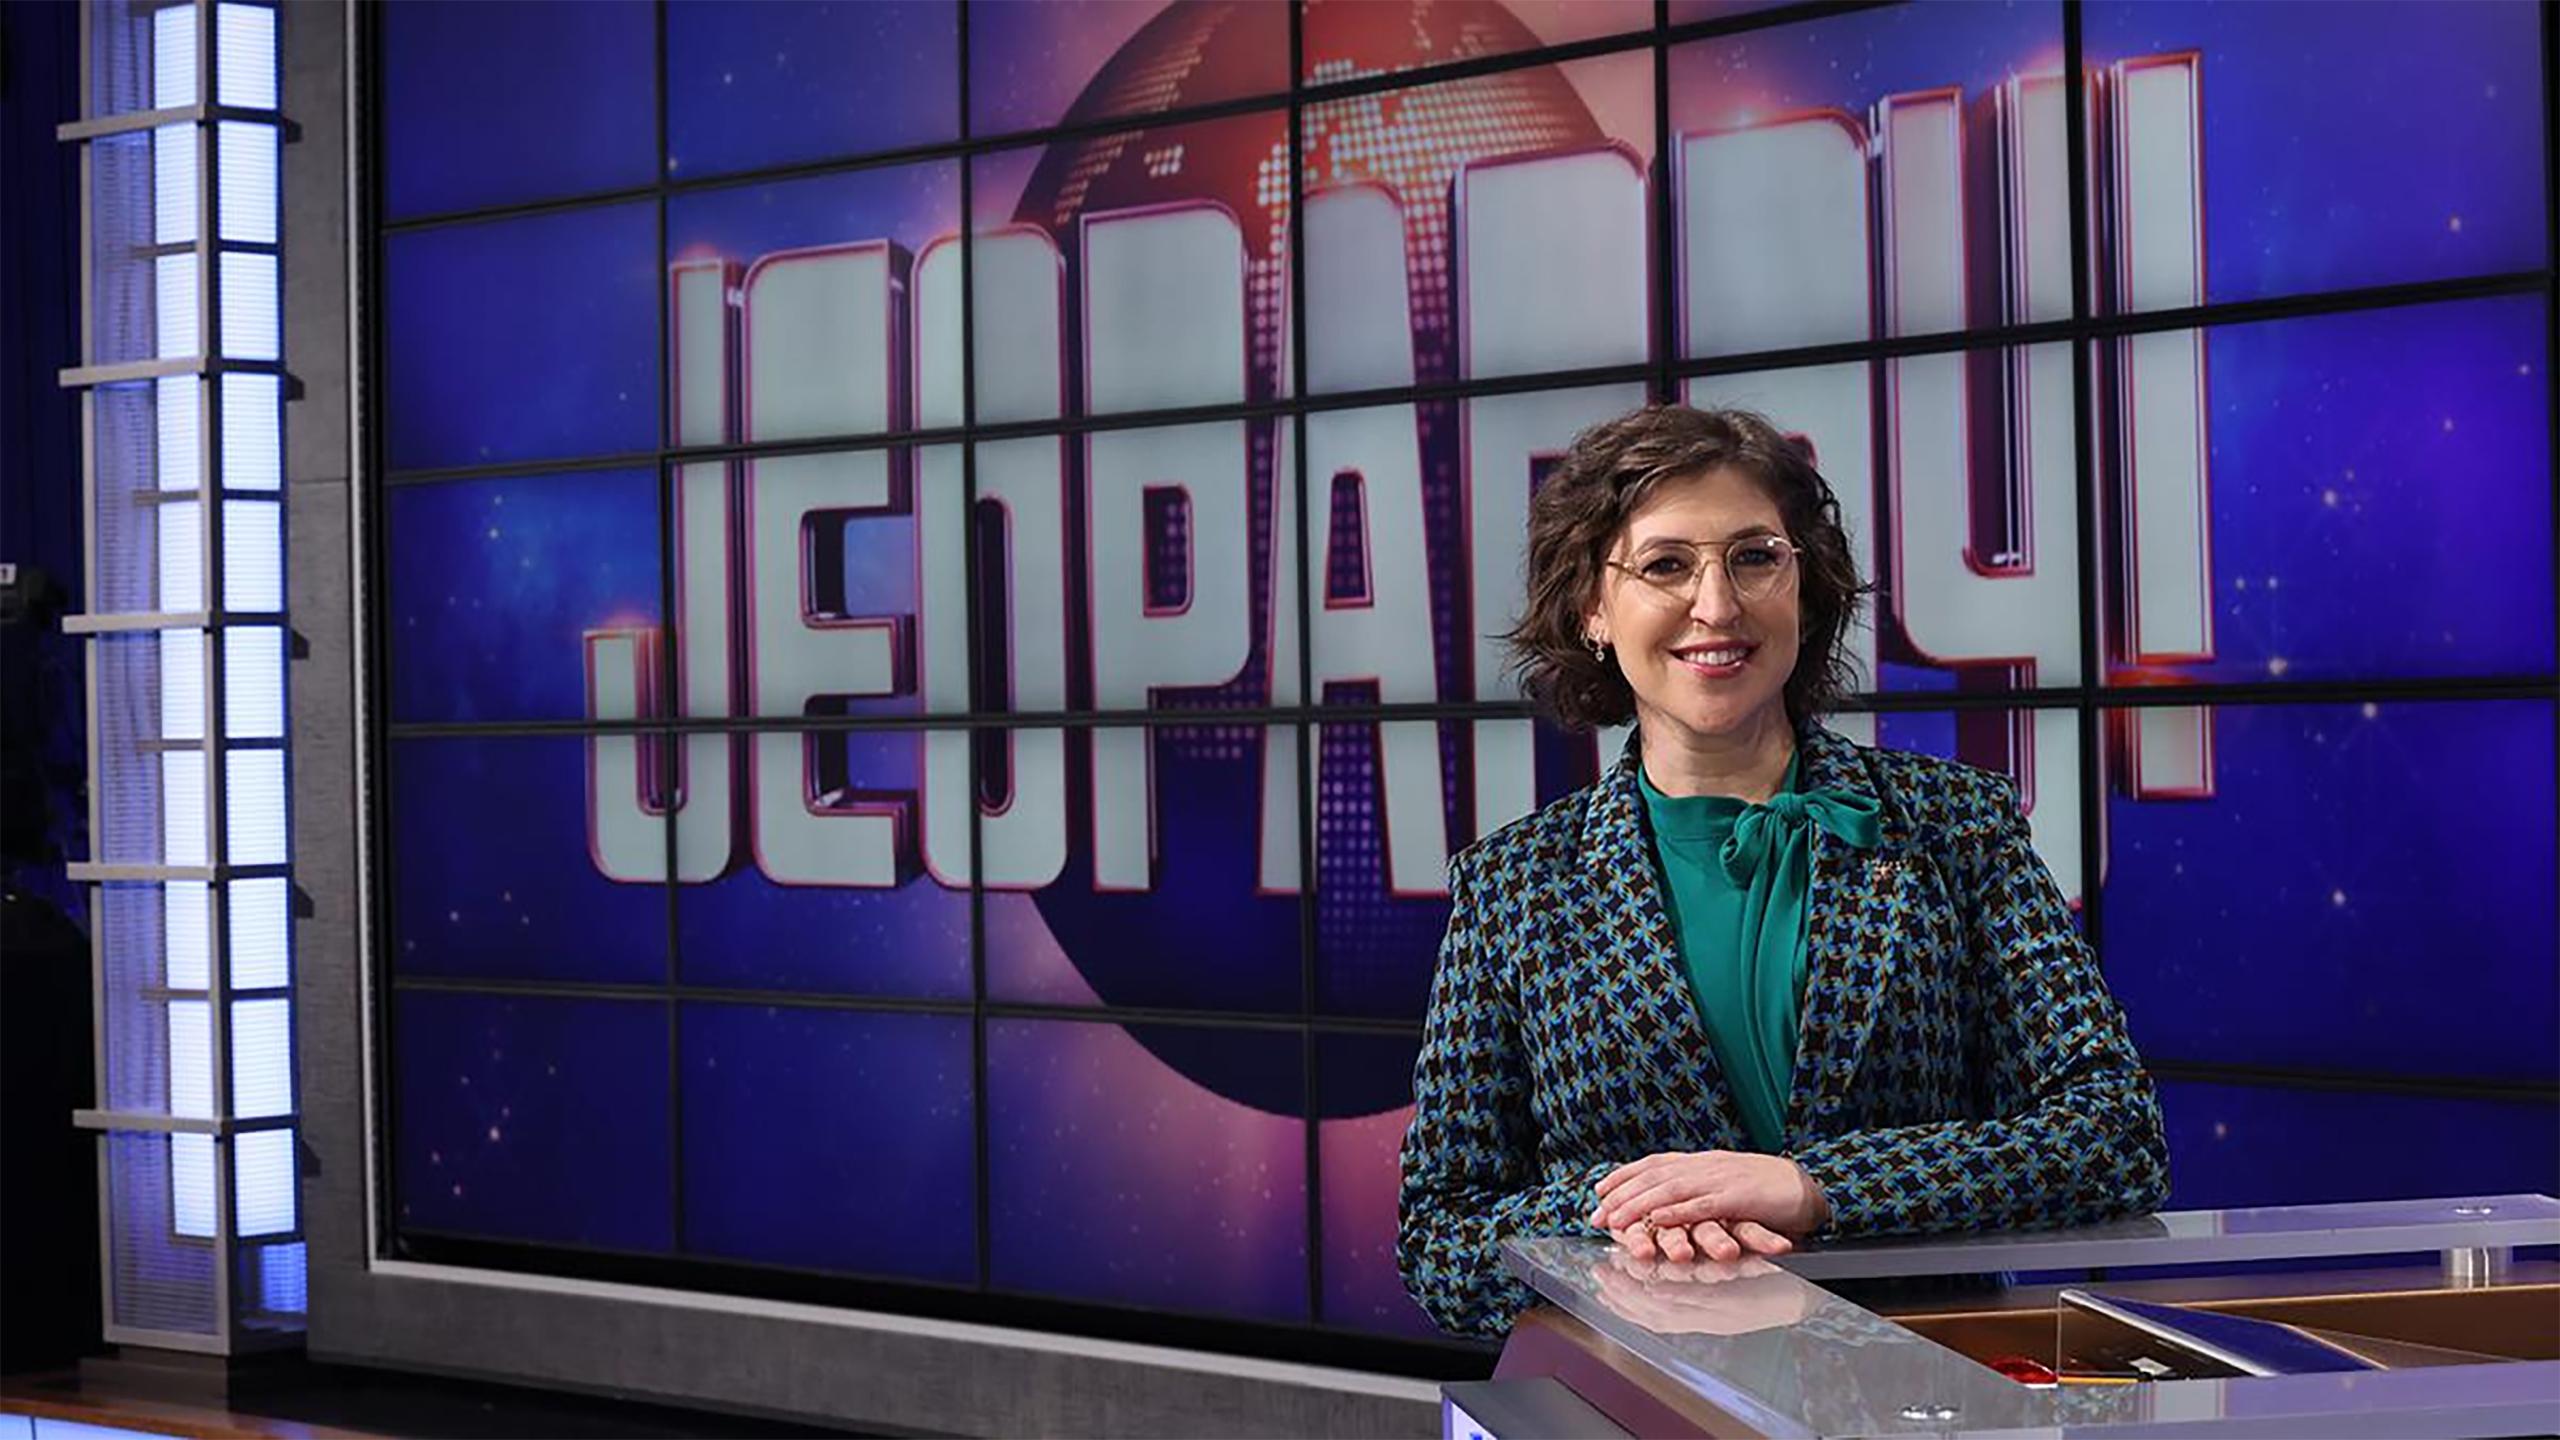 Mayim Bialik to co host jeopardy